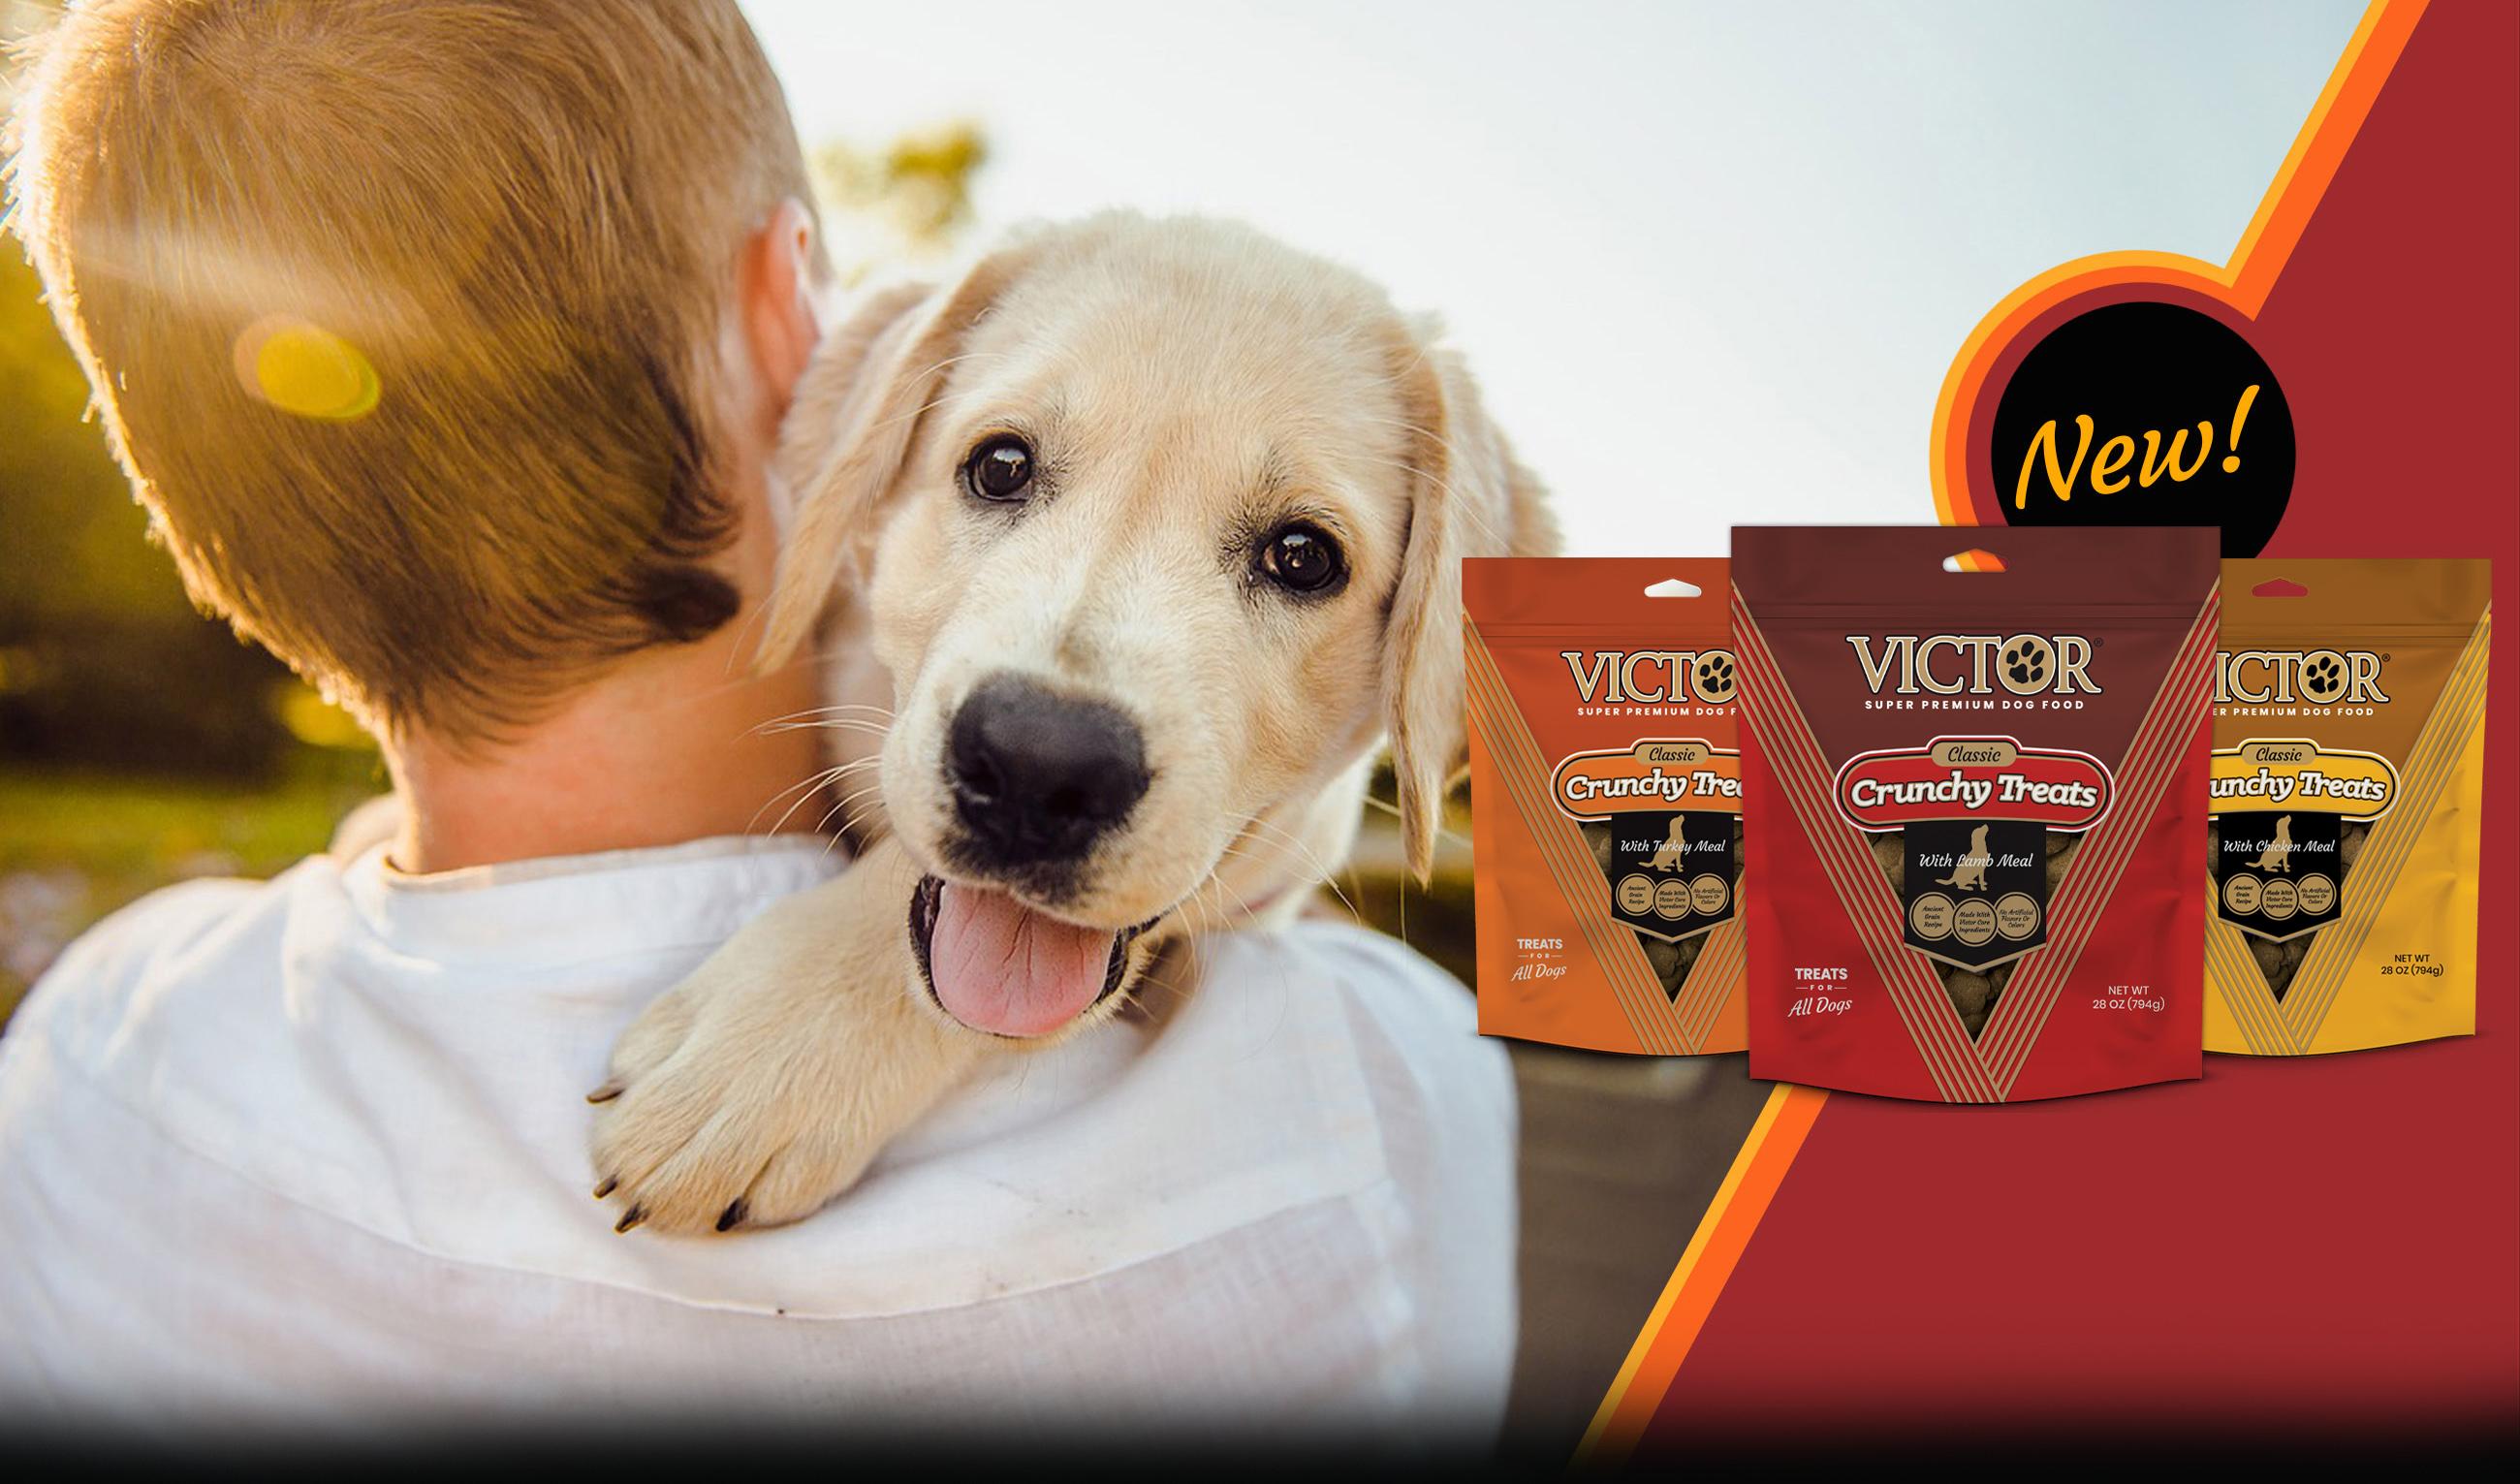 VICTOR® Crunchy Treats